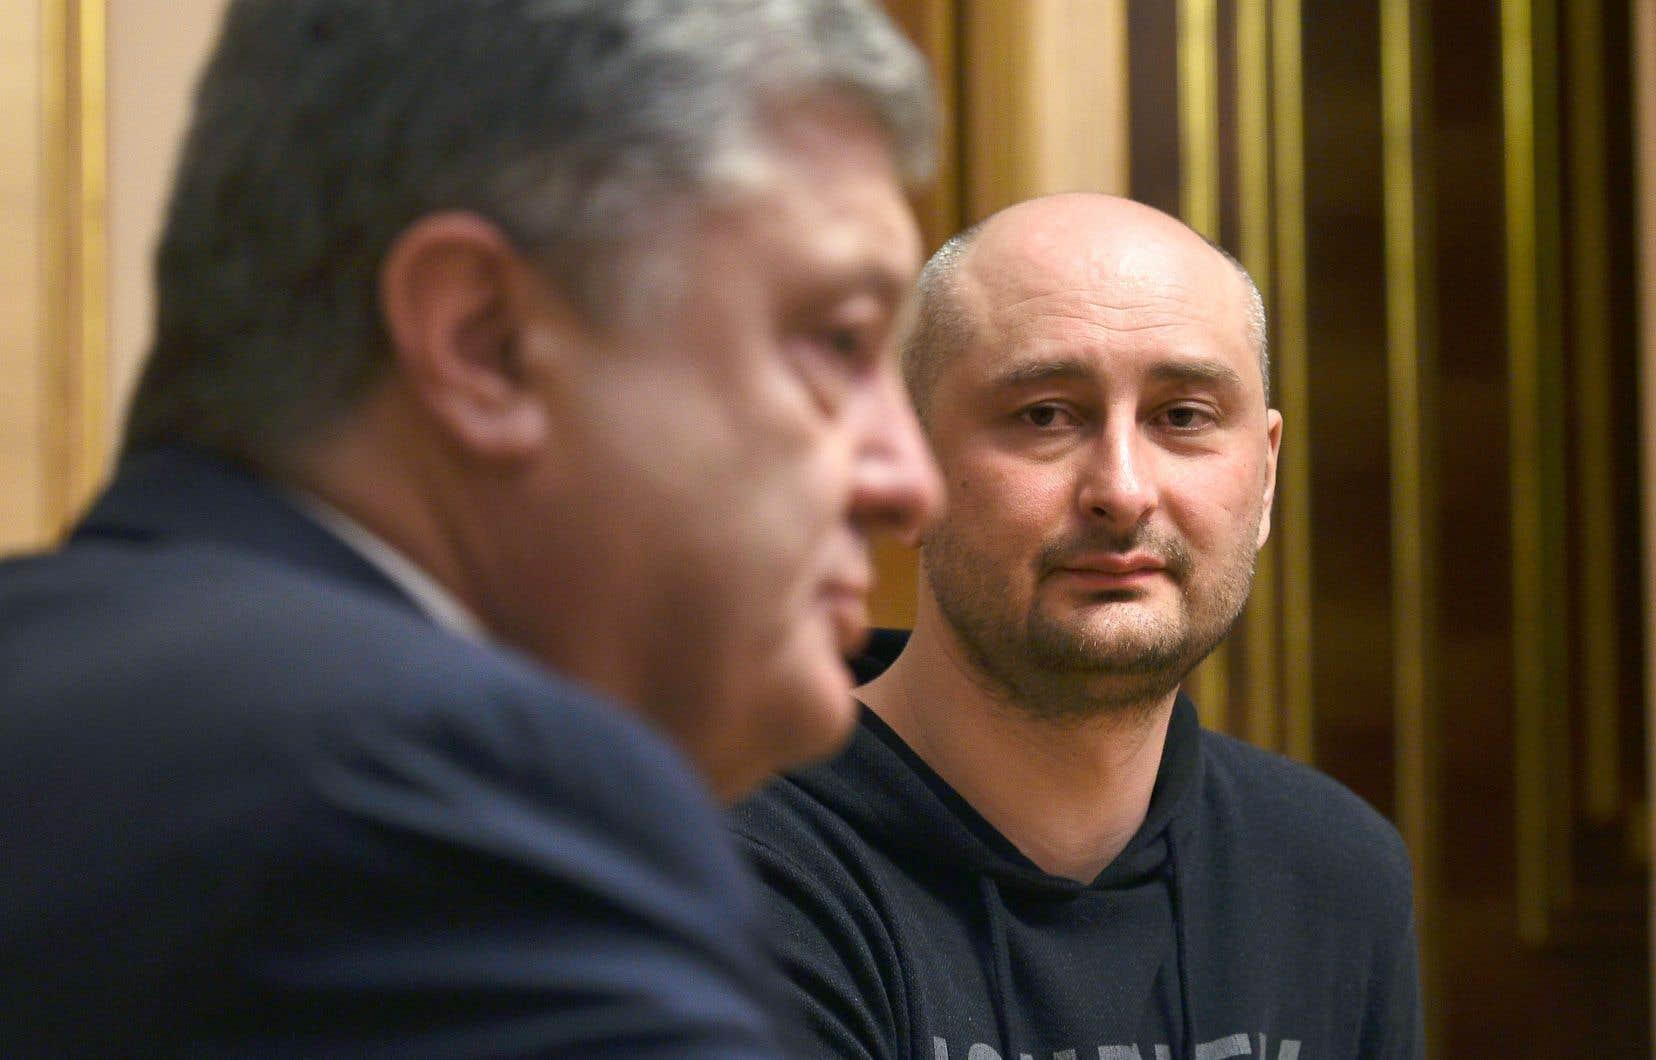 Le journaliste Arkadi Babtchenko en compagnie du président de l'Ukraine, Petro Porochenko